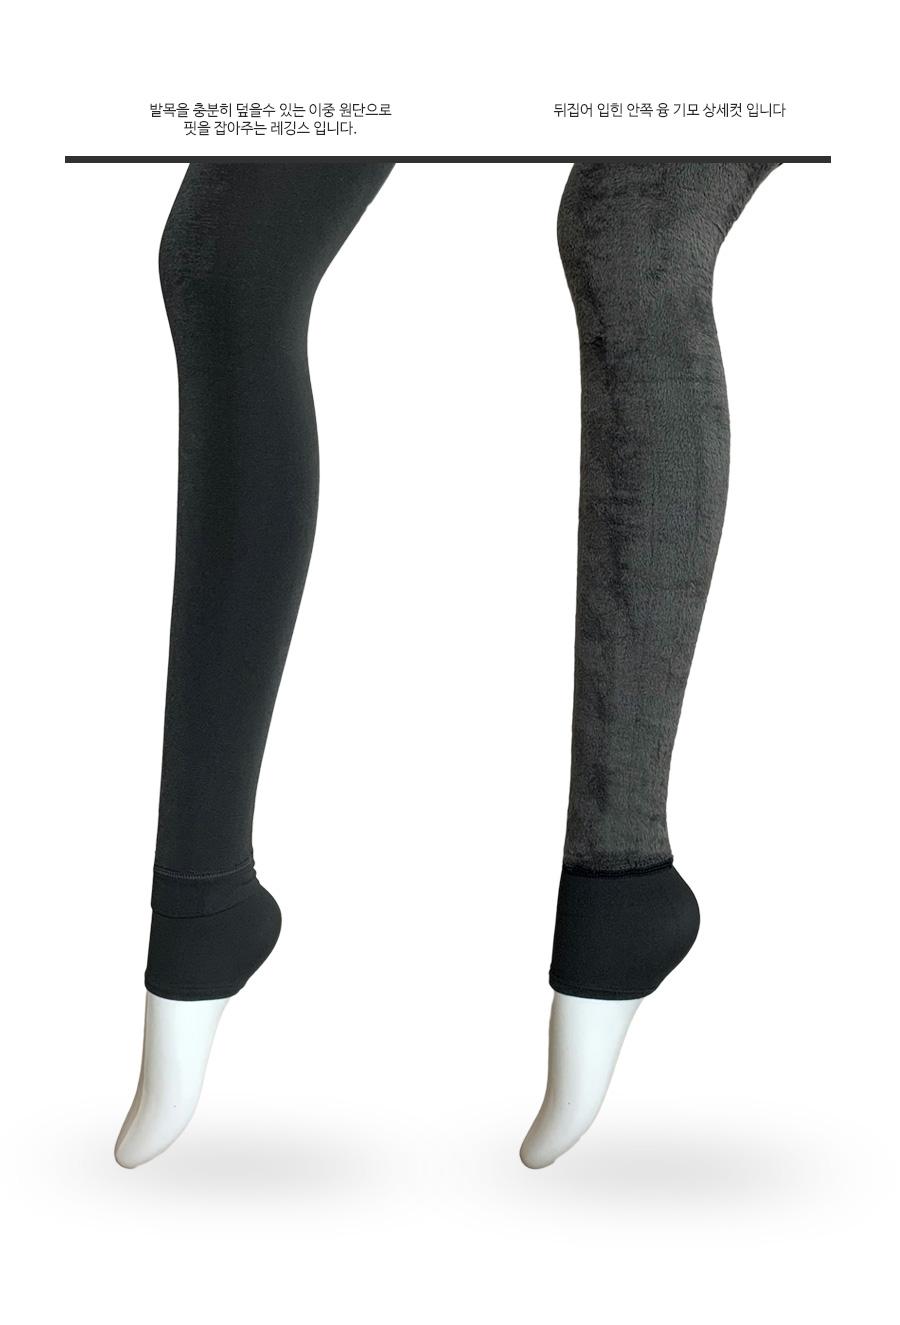 190917_leggings2_02.jpg